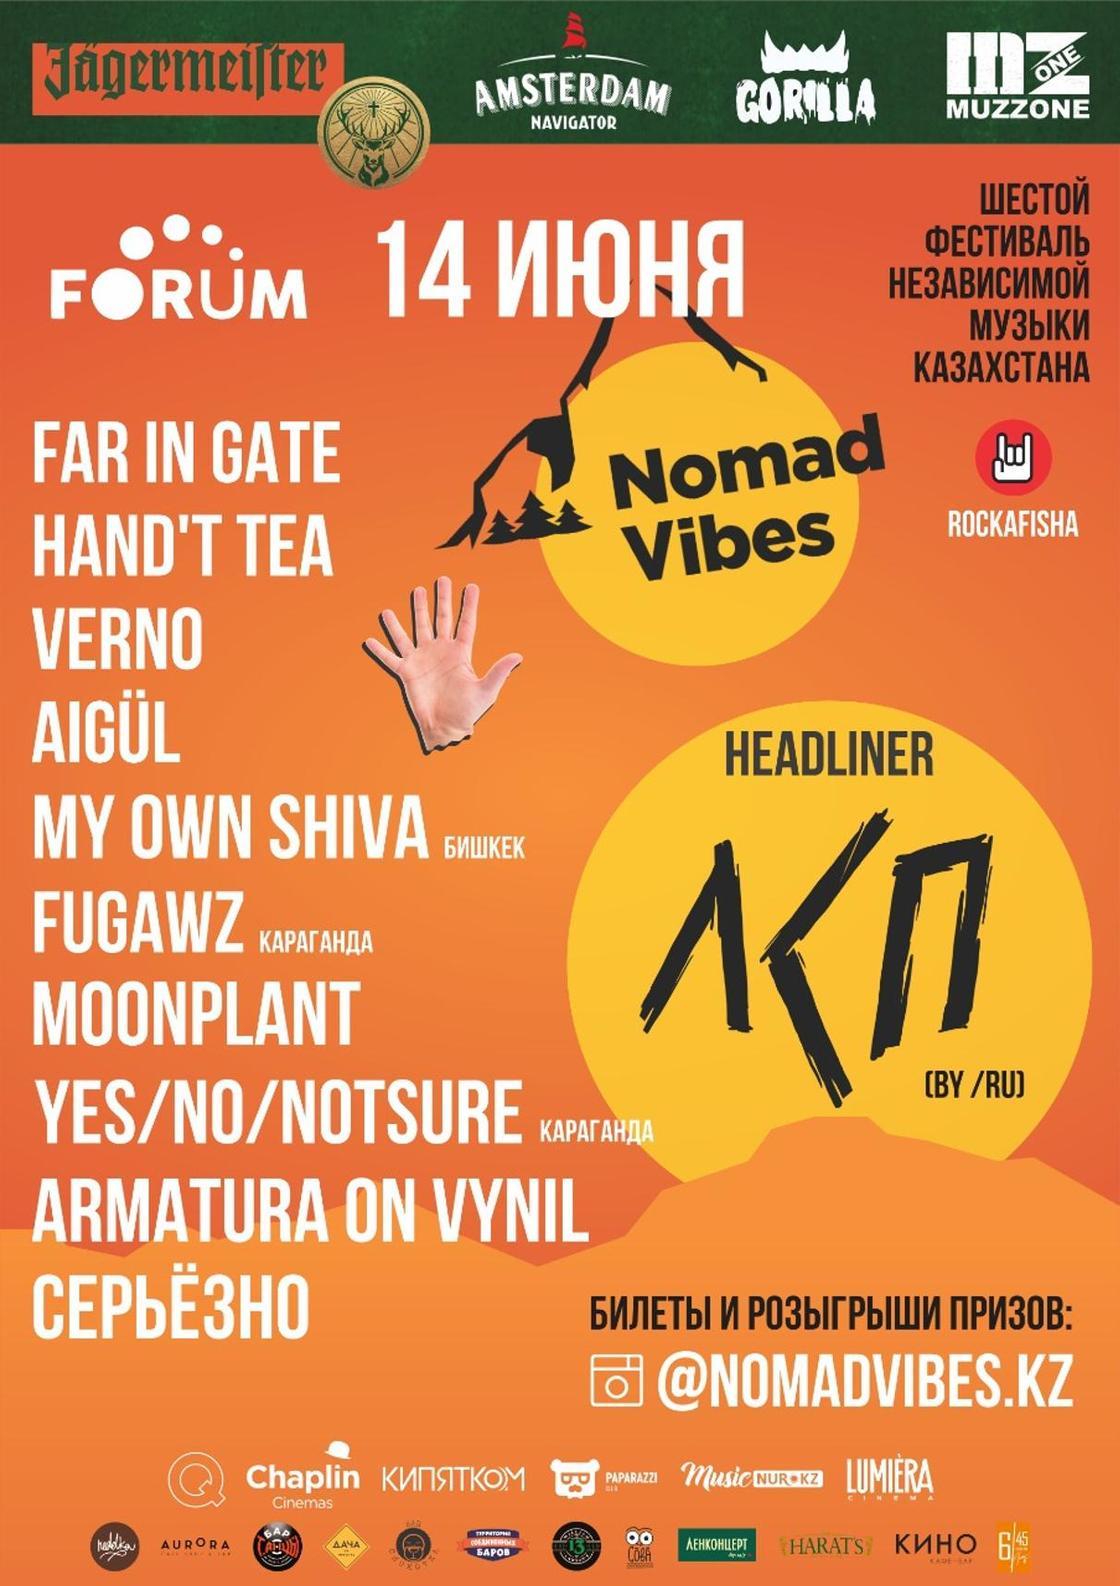 Итак, друзья! Мы готовы анонсировать полный лайнап шестого фестиваля Nomad Vibes